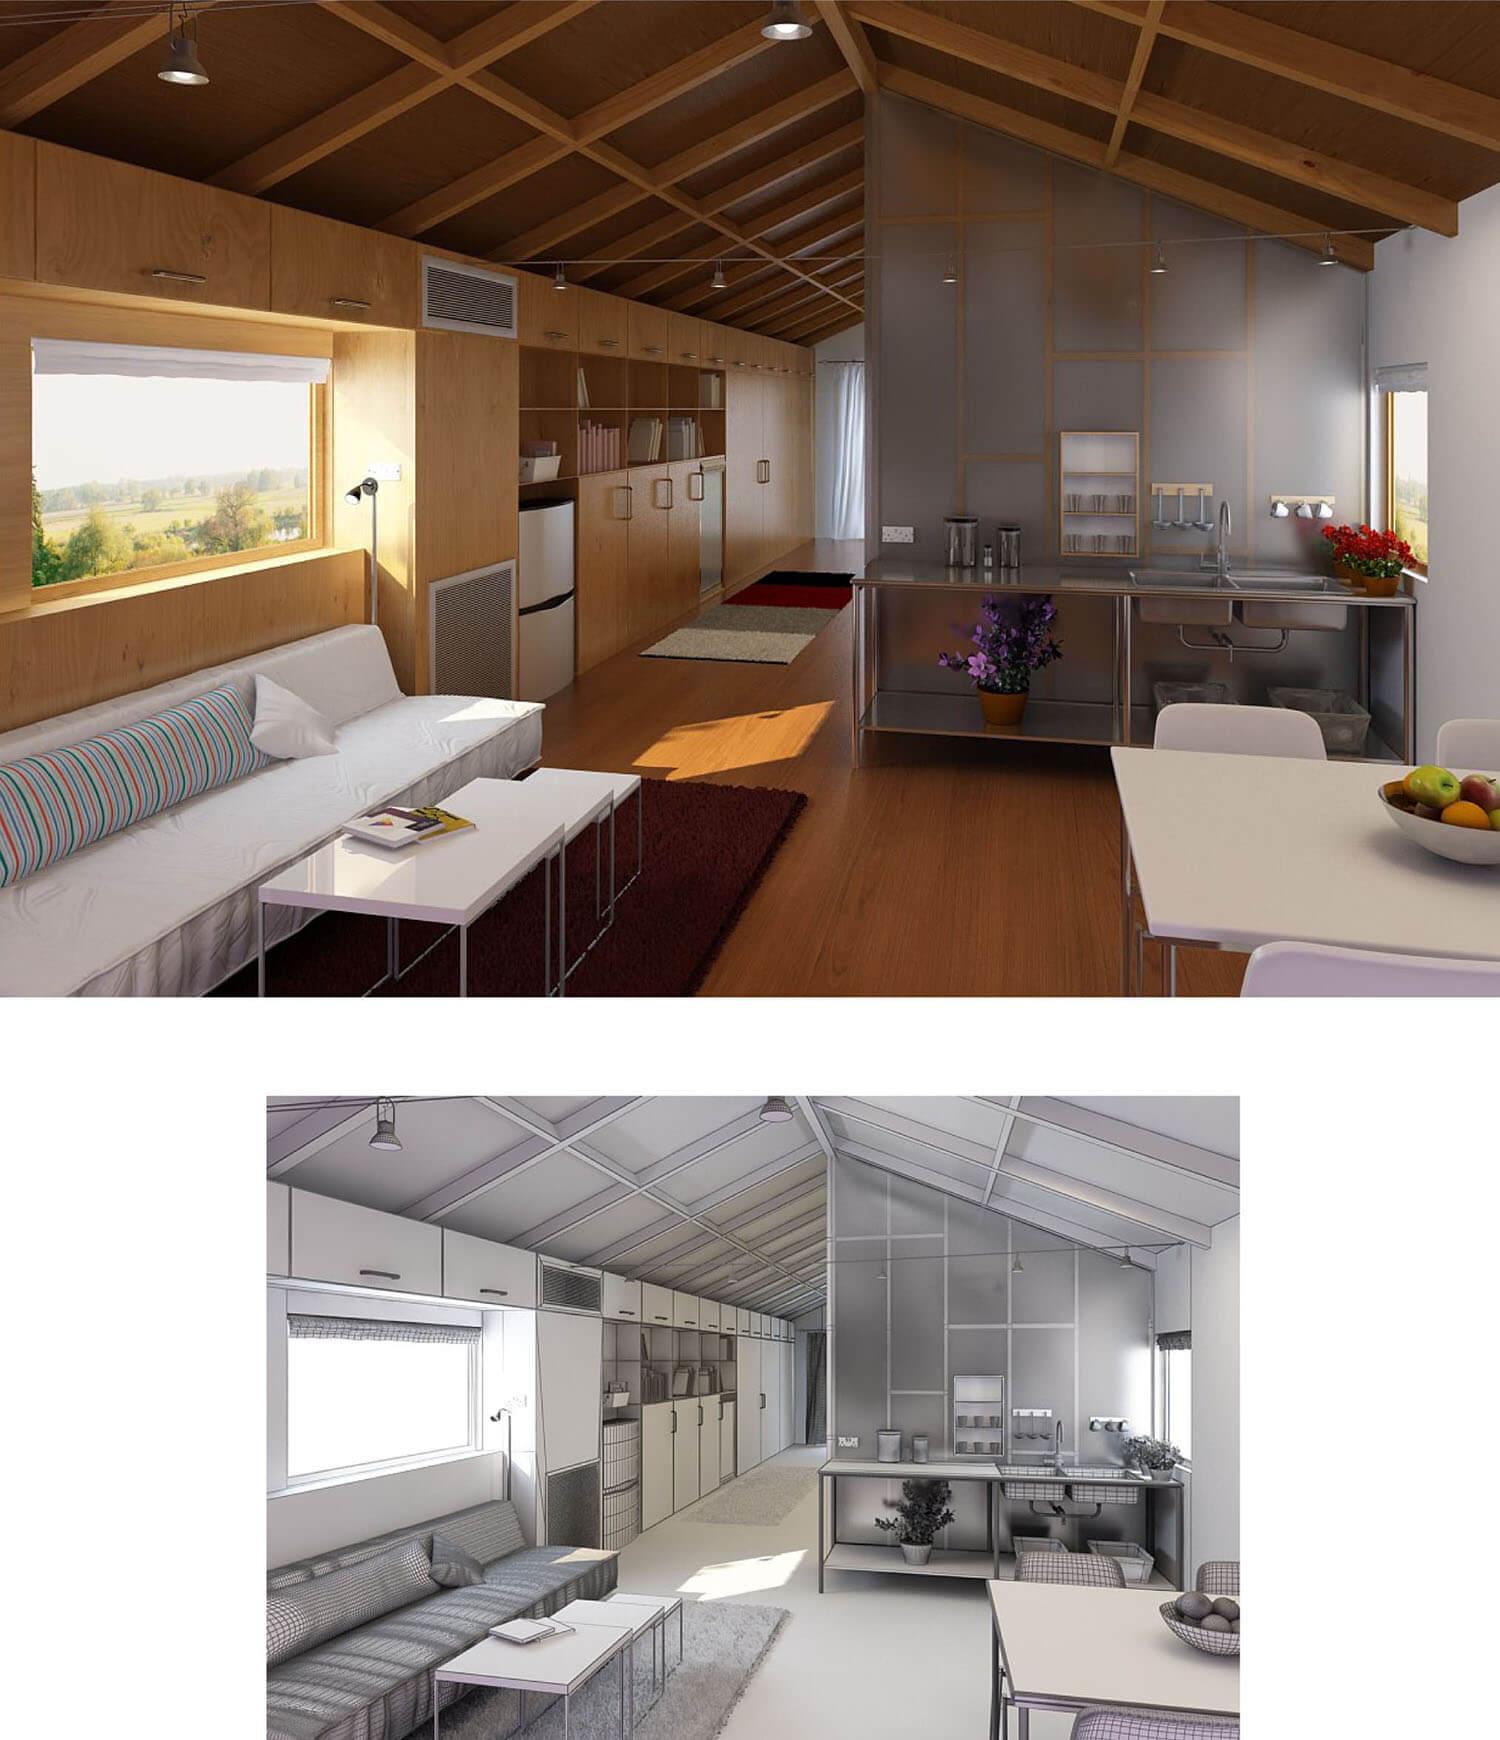 Thiết kế nội thất phòng khách sử dụng trần tường và sàn gỗ